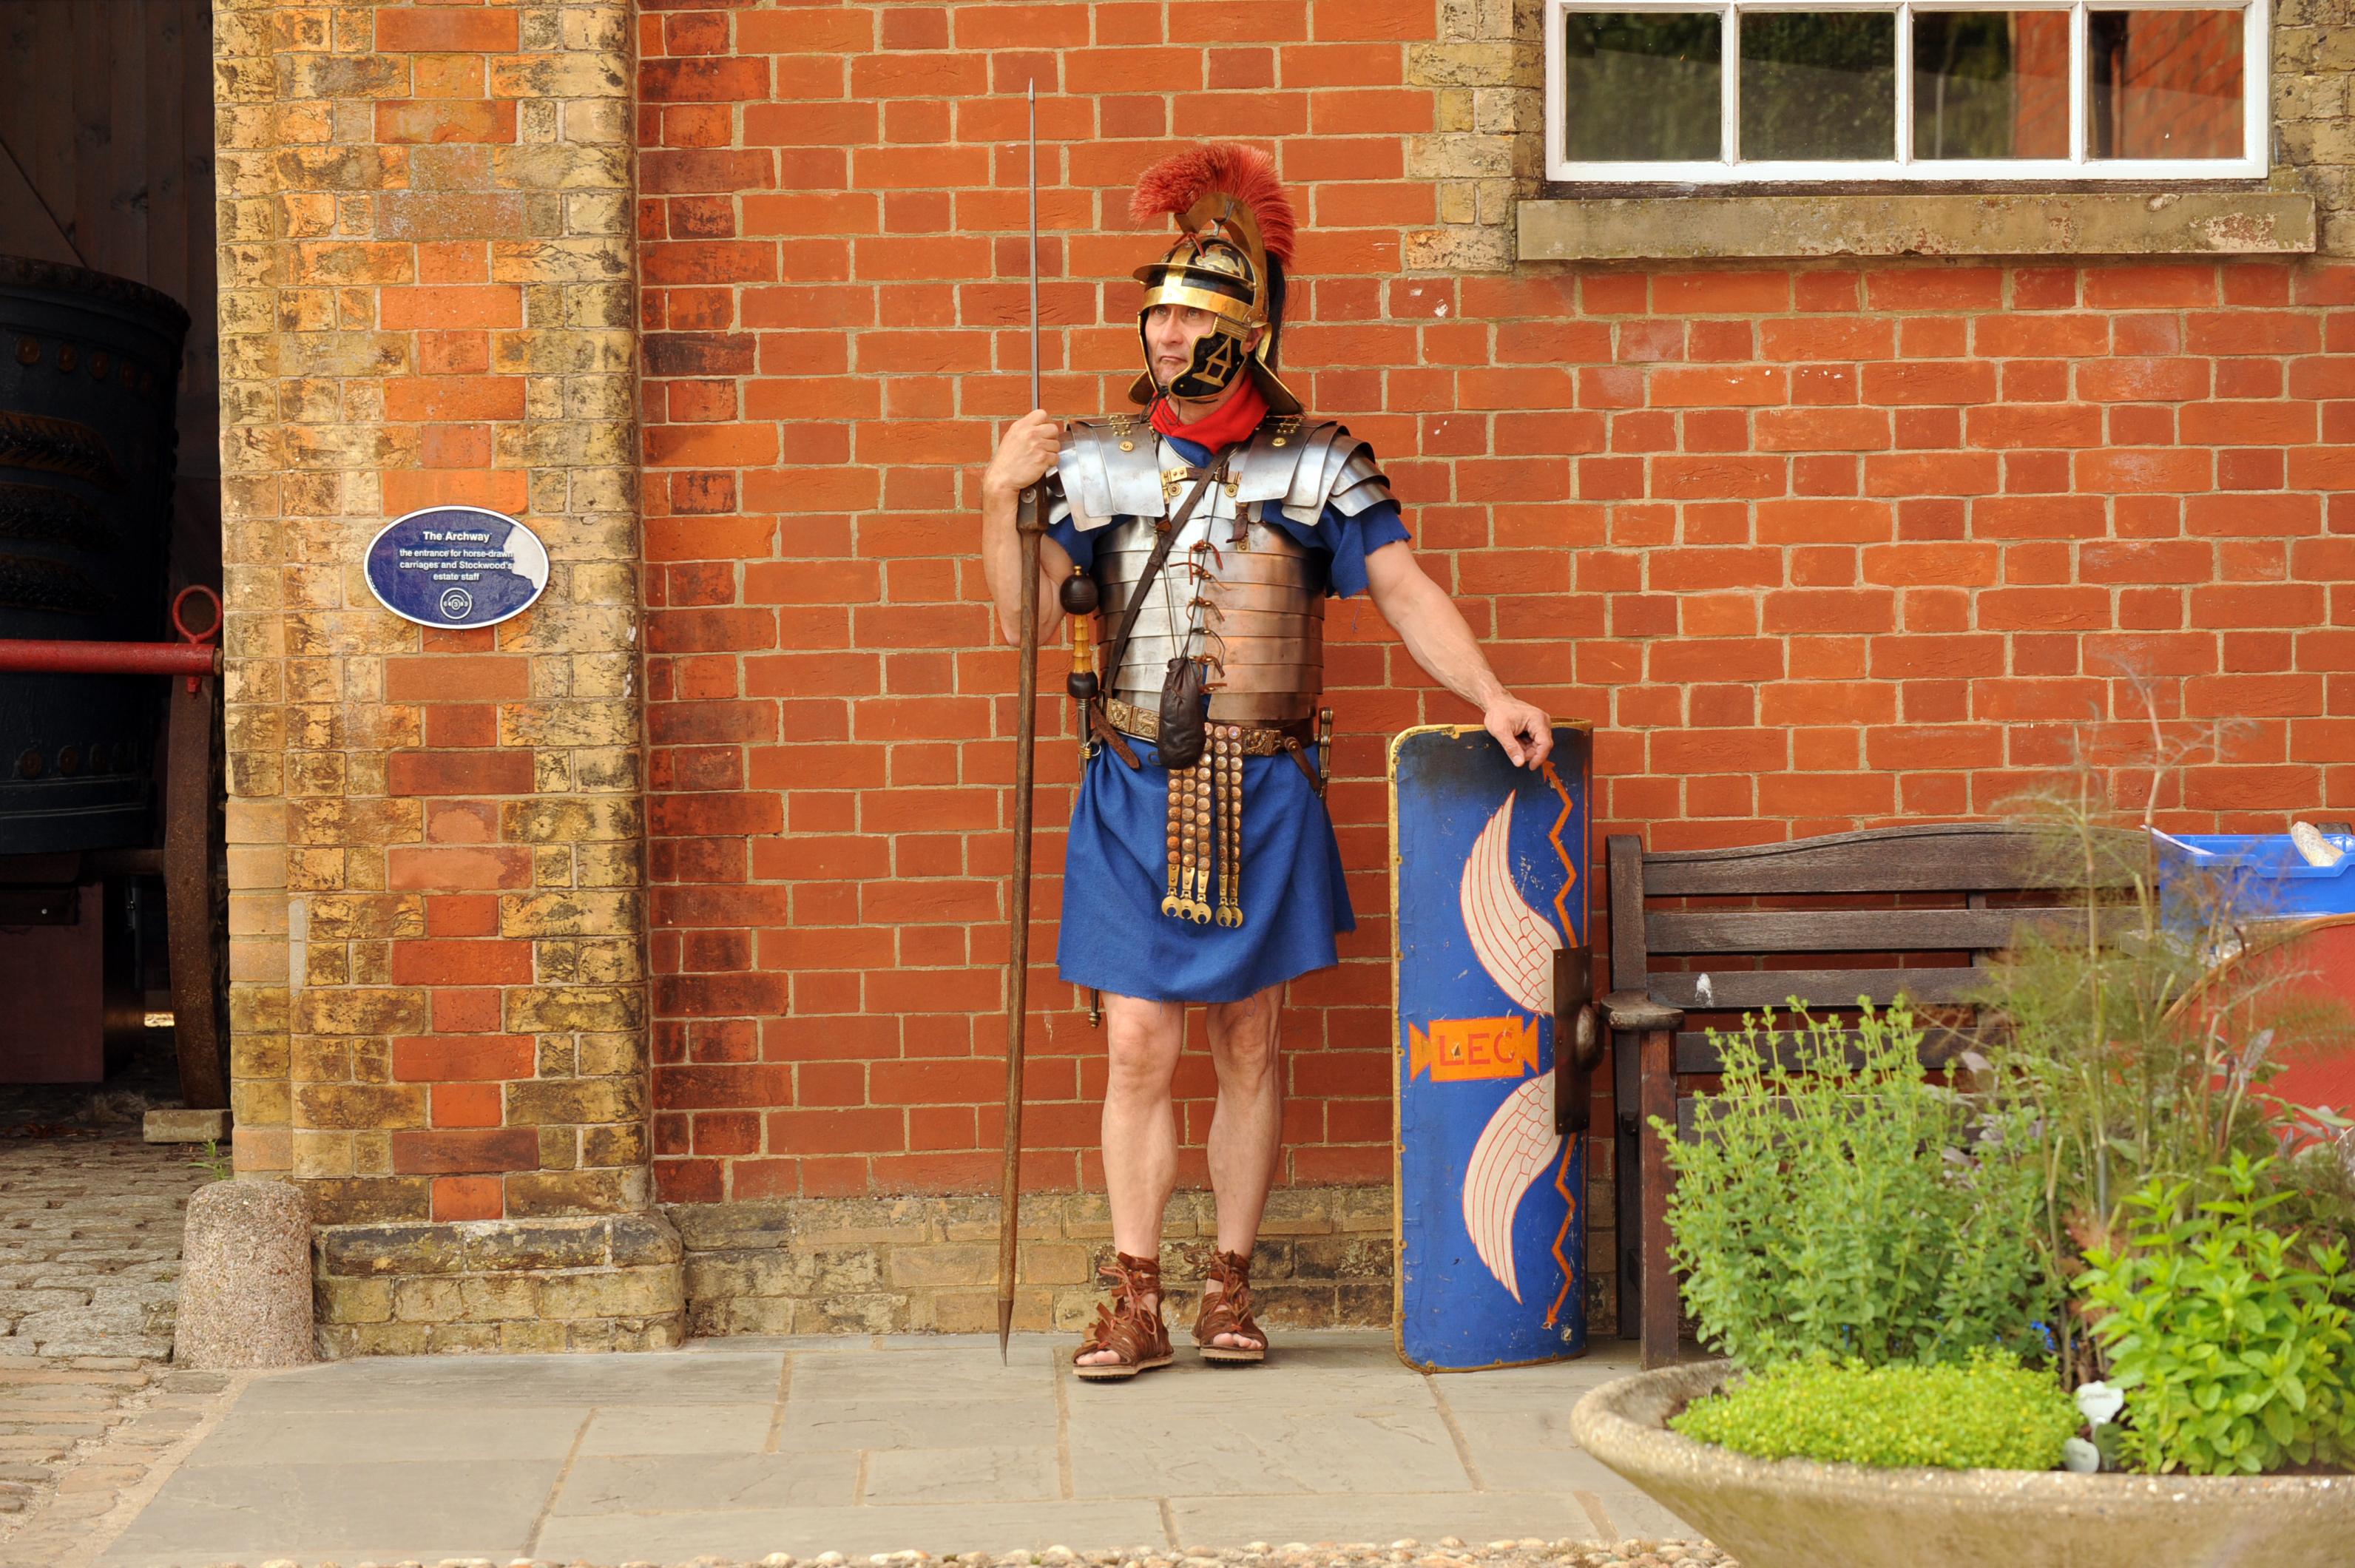 Roman soldier e2bn gallery